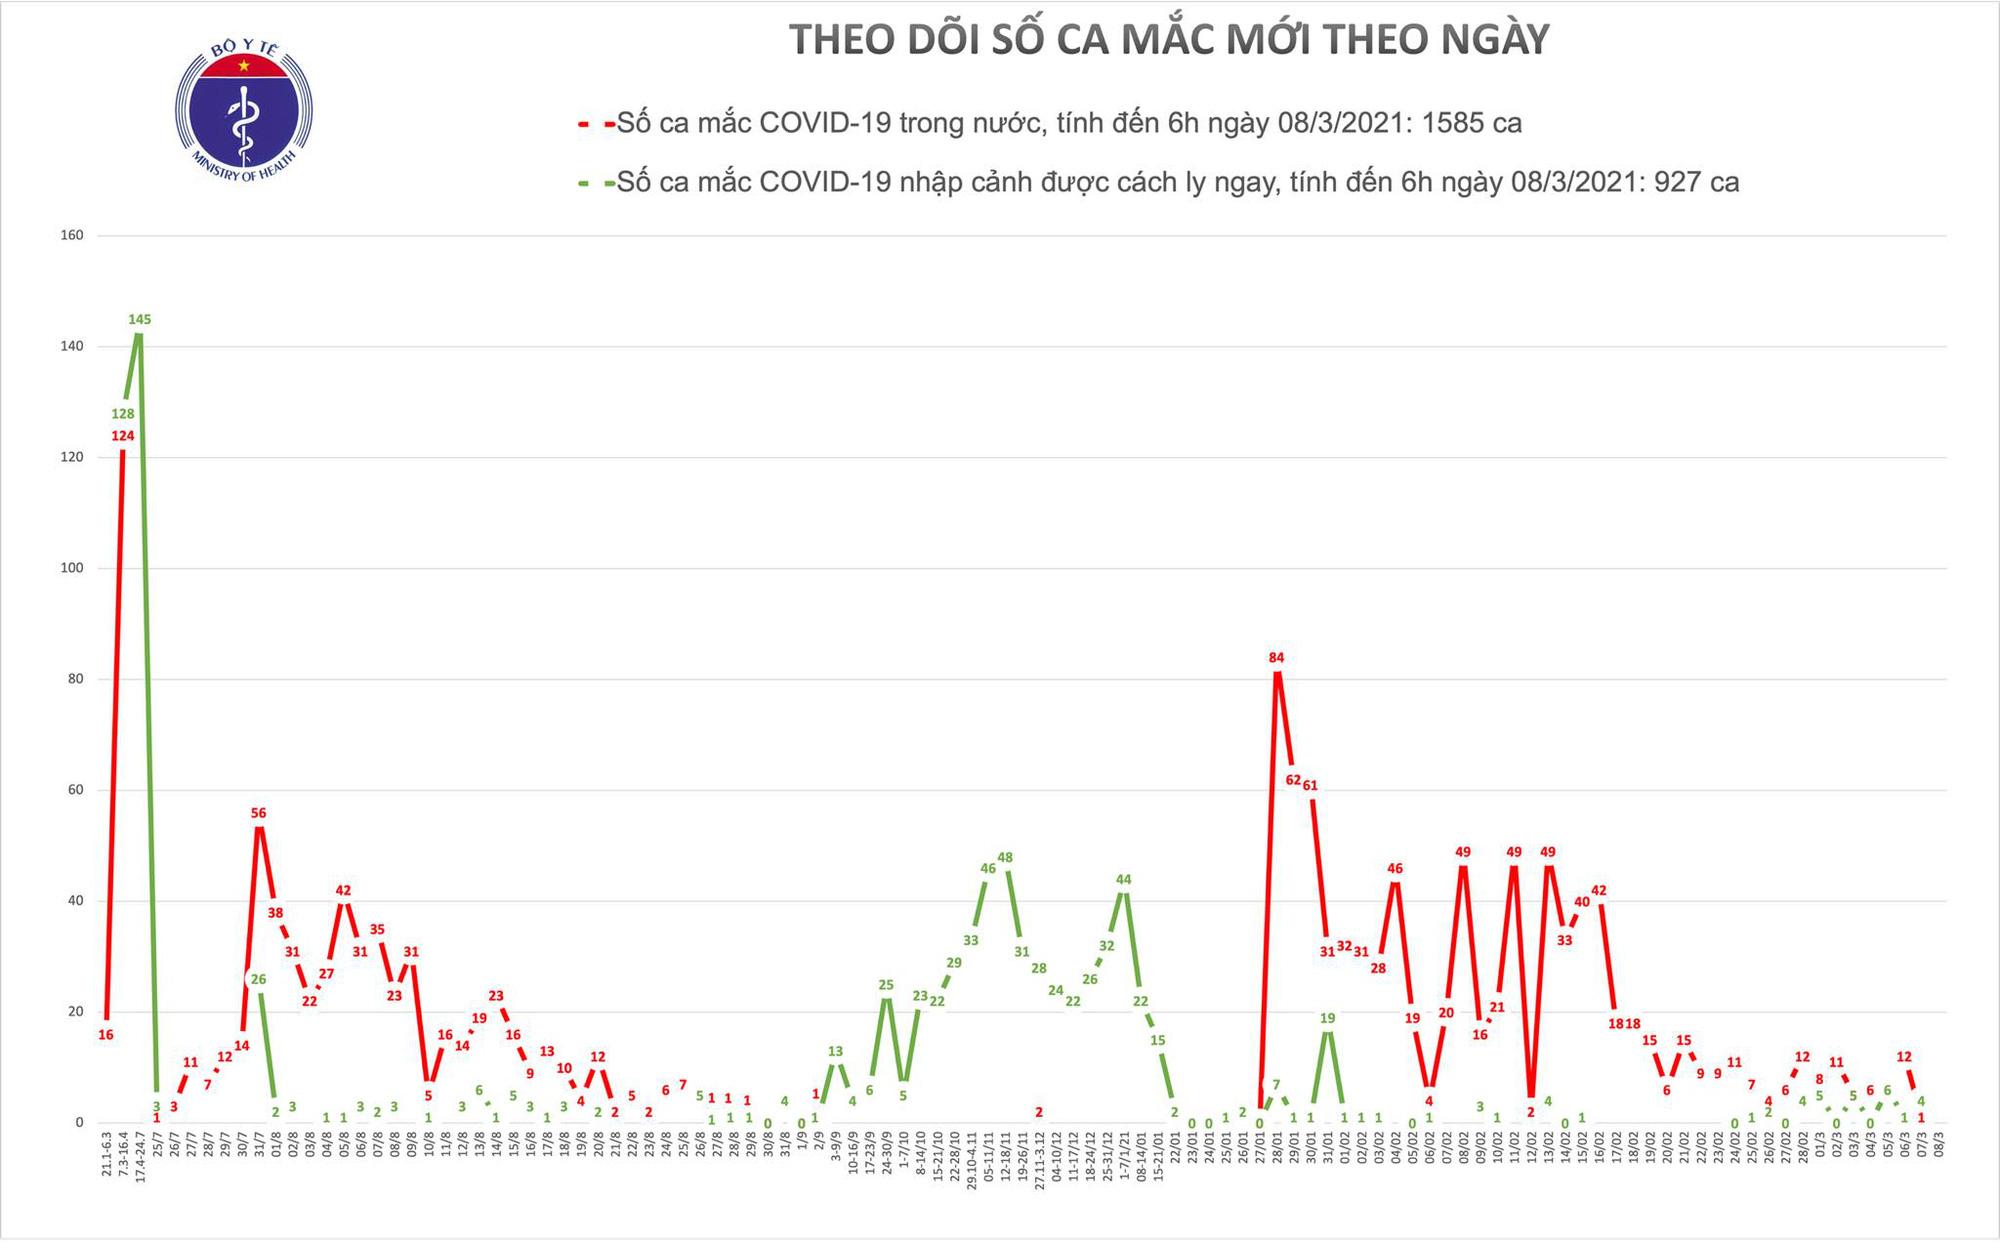 Sáng 8-3, Việt Nam bắt đầu chiến dịch tiêm vắc-xin Covid-19 lớn nhất từ trước đến nay - Ảnh 1.